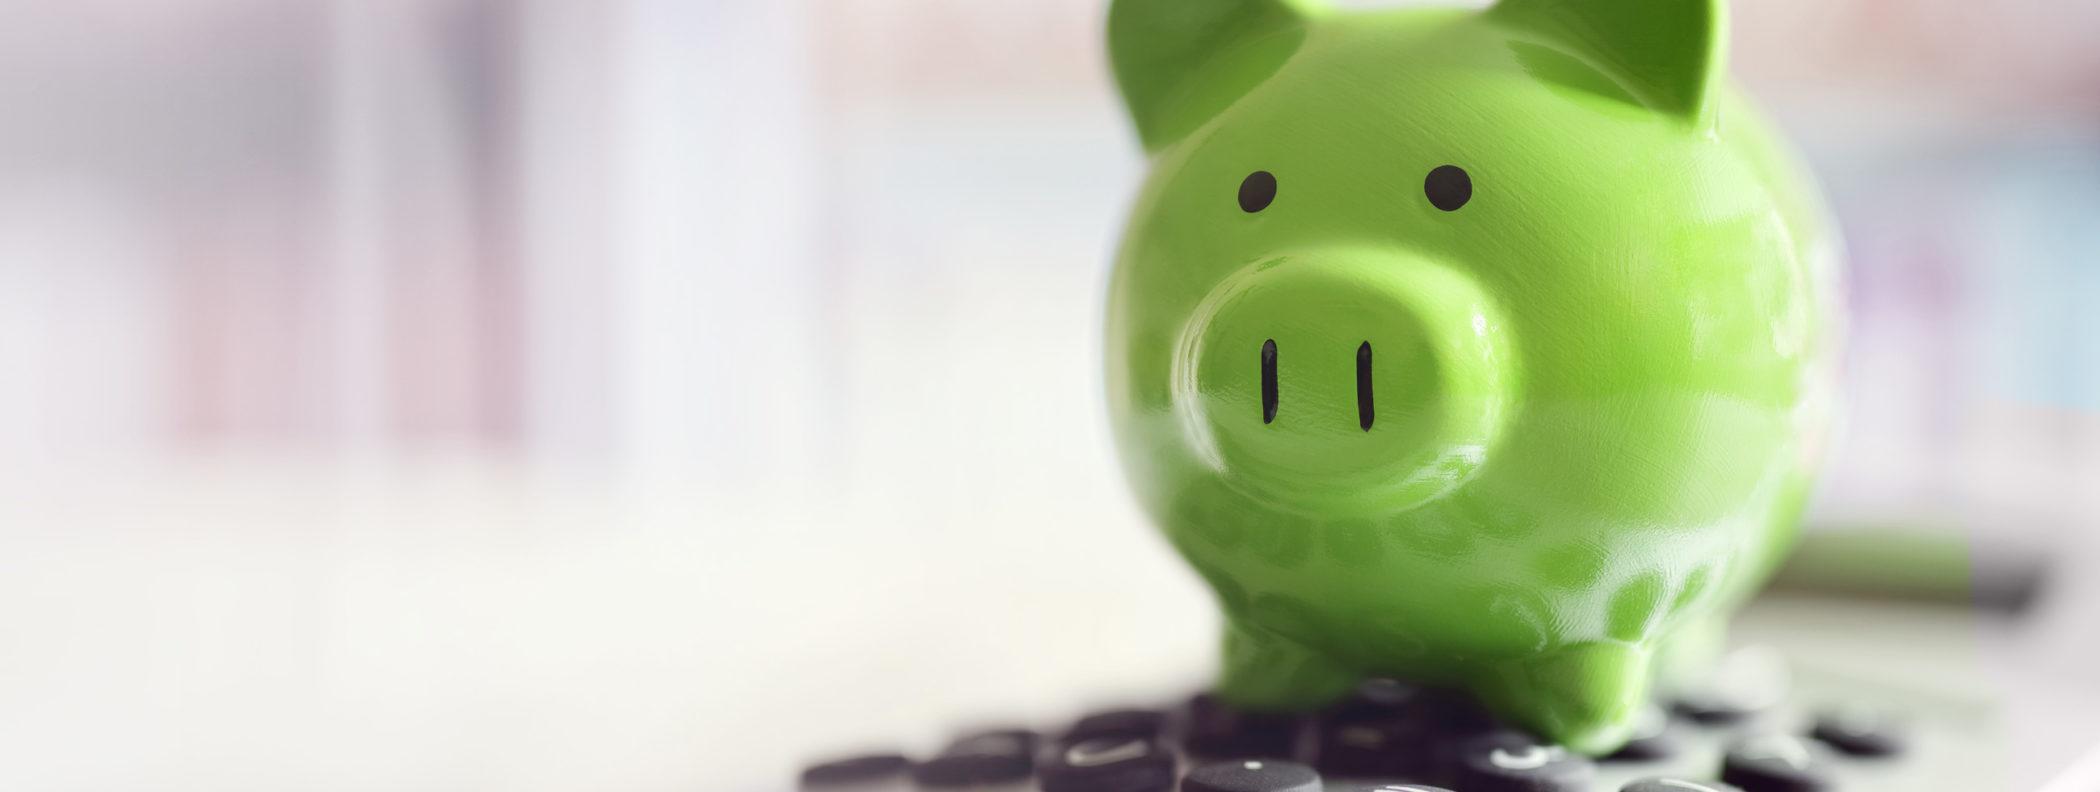 Gebührenkalkulation: Sparschwein steht auf einem Taschenrechner.